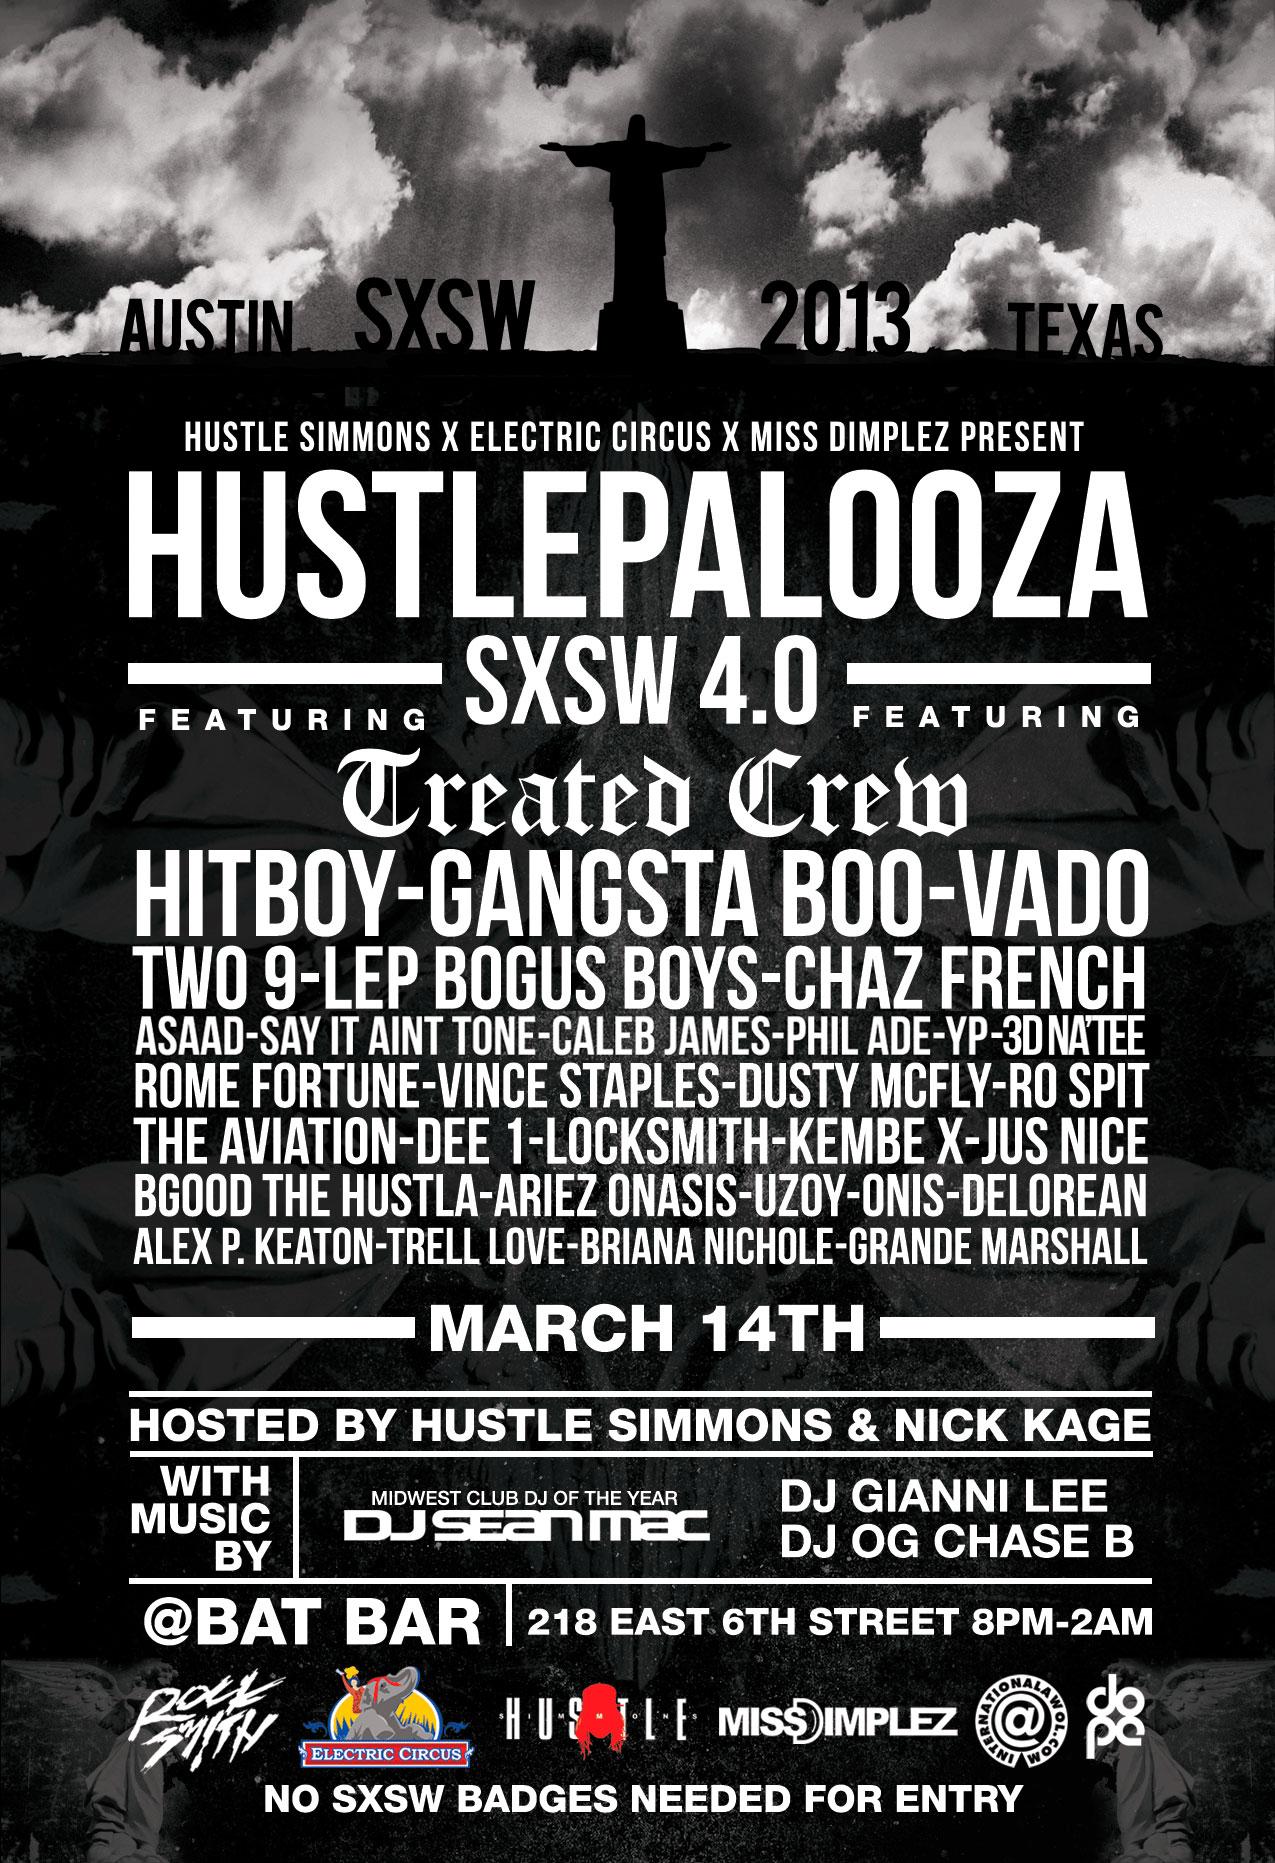 hustlepaloozasxsw